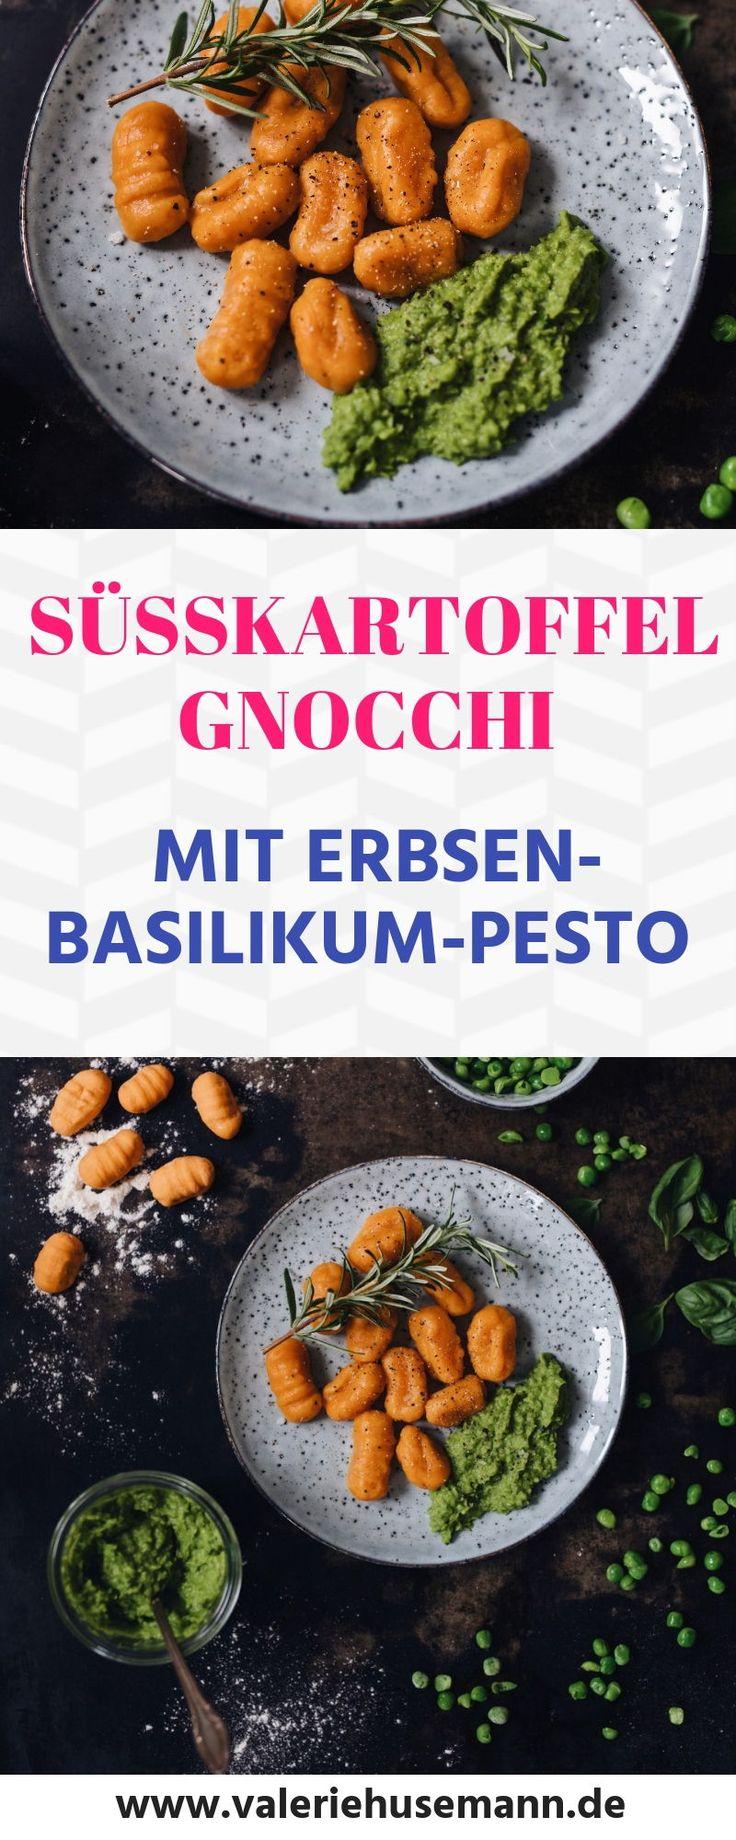 Selbstgemachte vegane Süßkartoffel Gnocchi mit Erbsen-Basilikum-Pesto, …